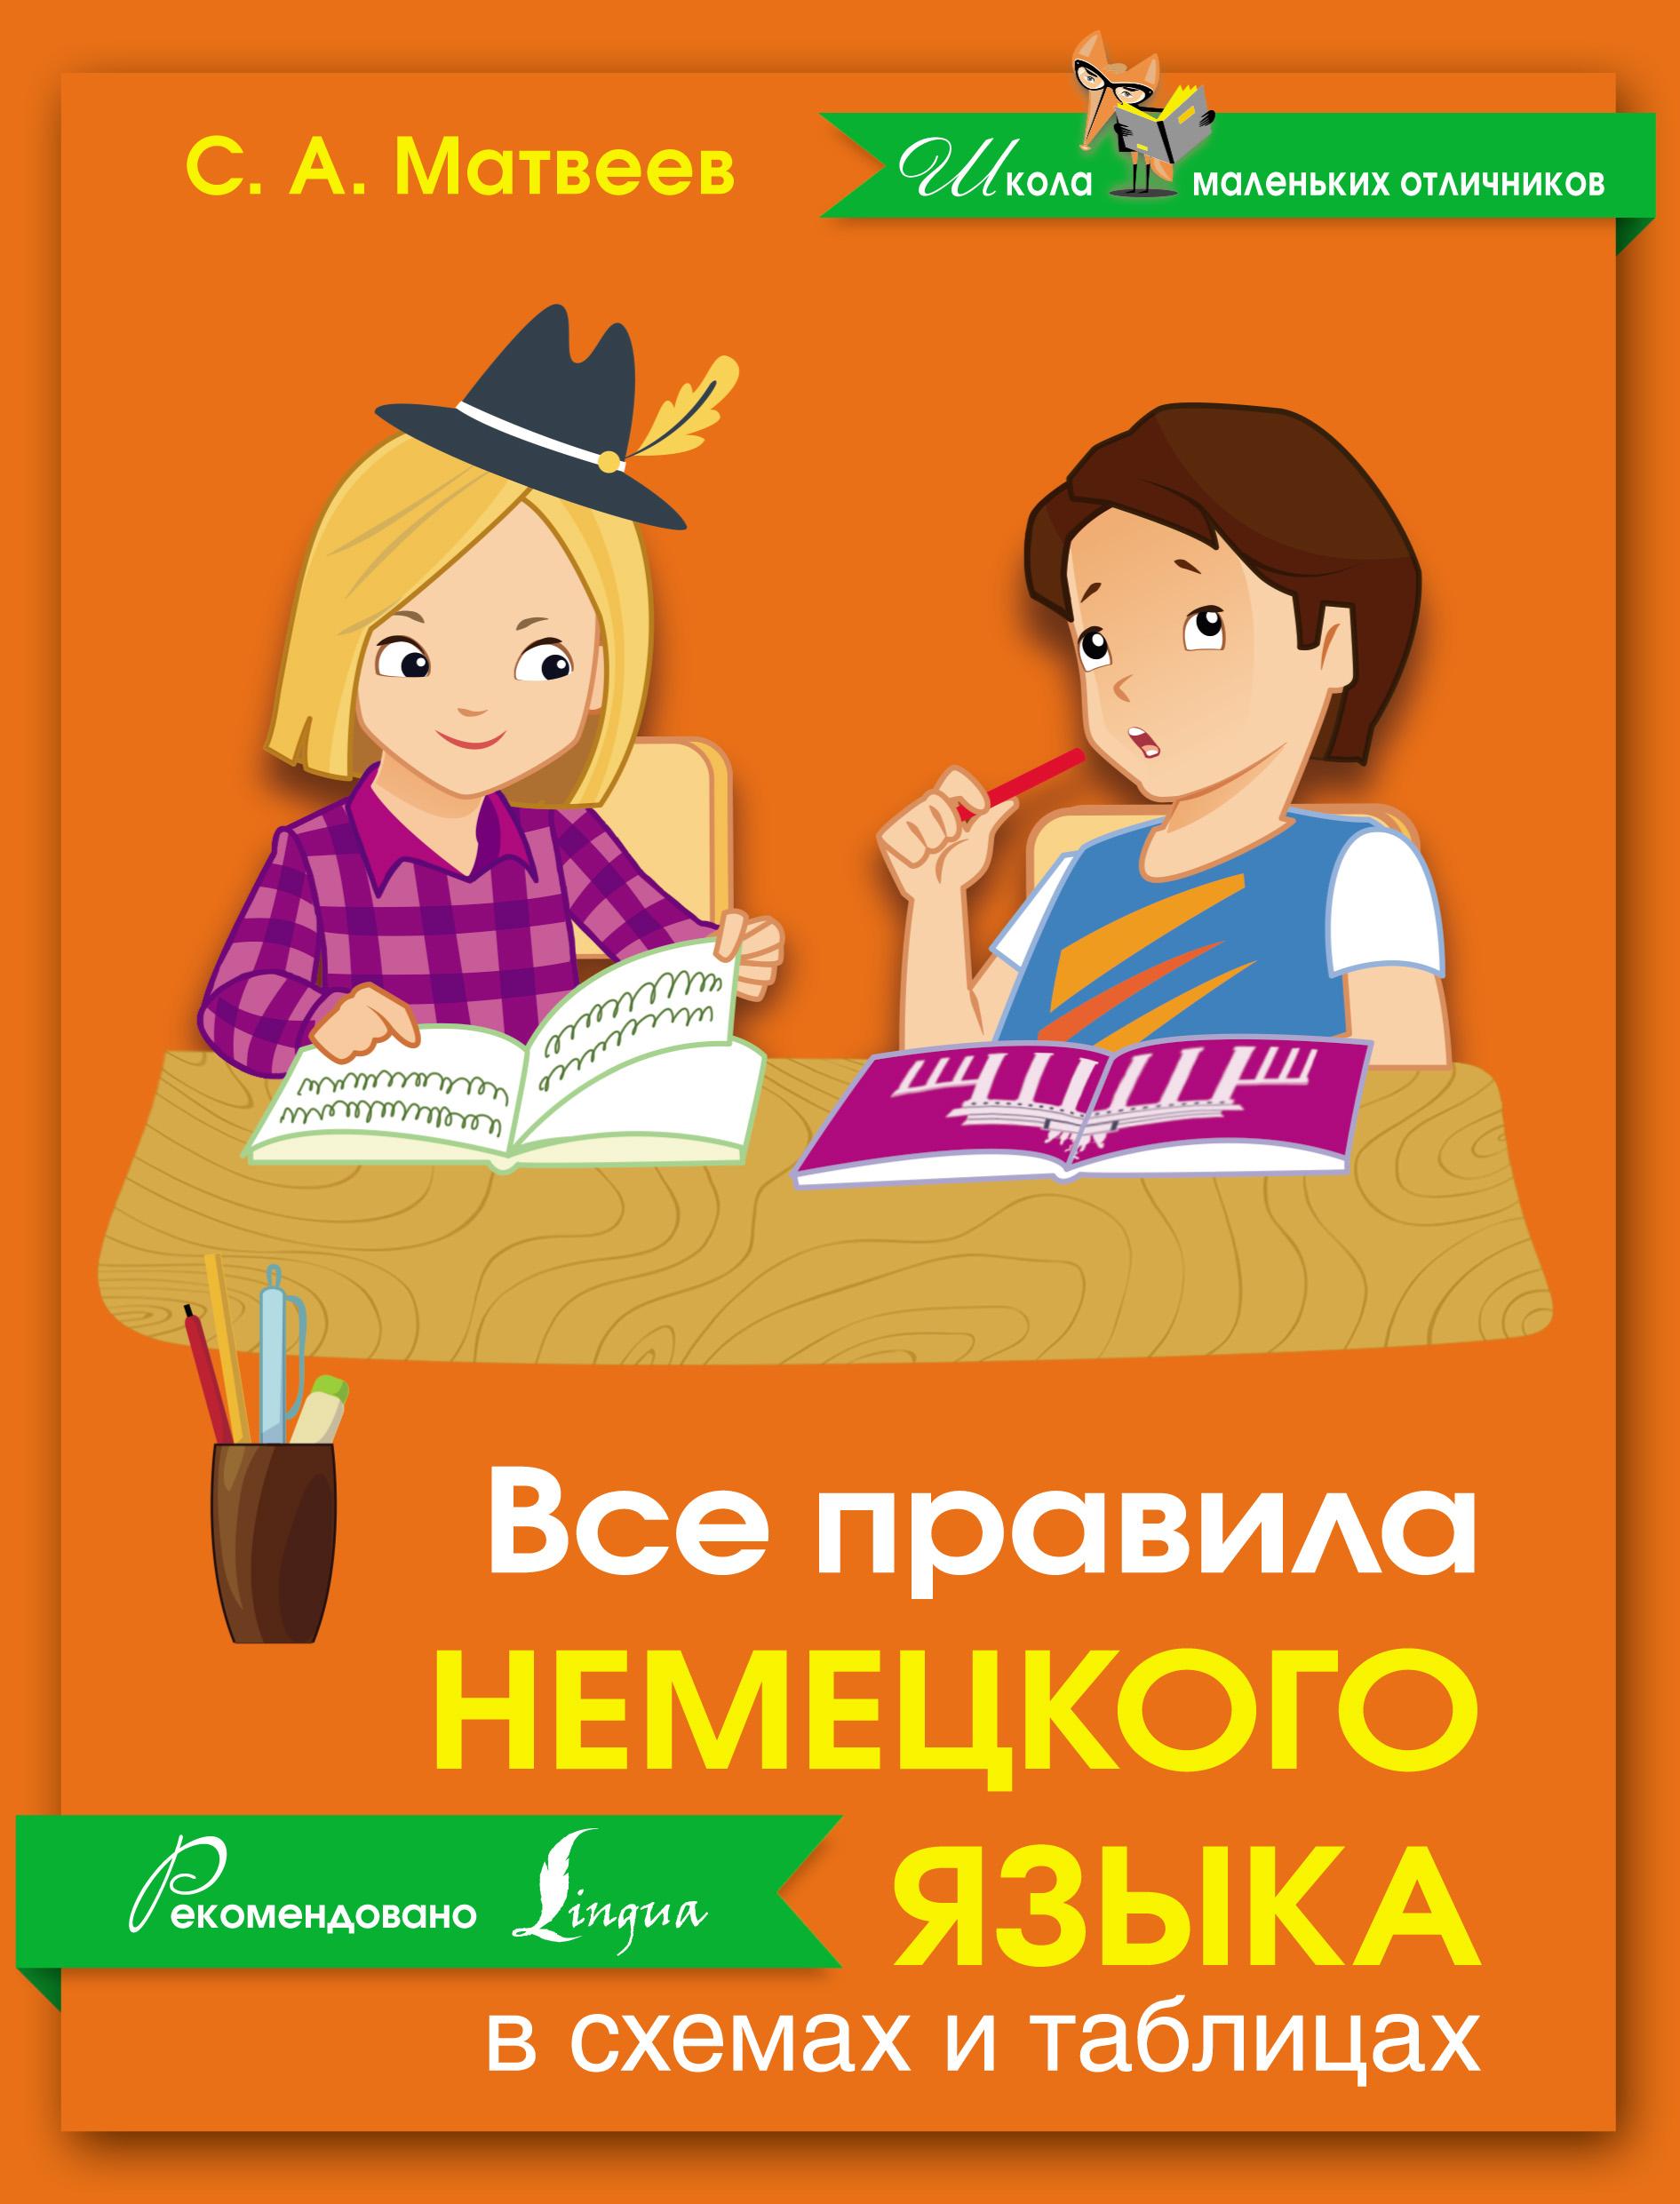 С. А. Матвеев Все правила немецкого языка в схемах и таблицах книги издательство аст диабет в схемах и таблицах